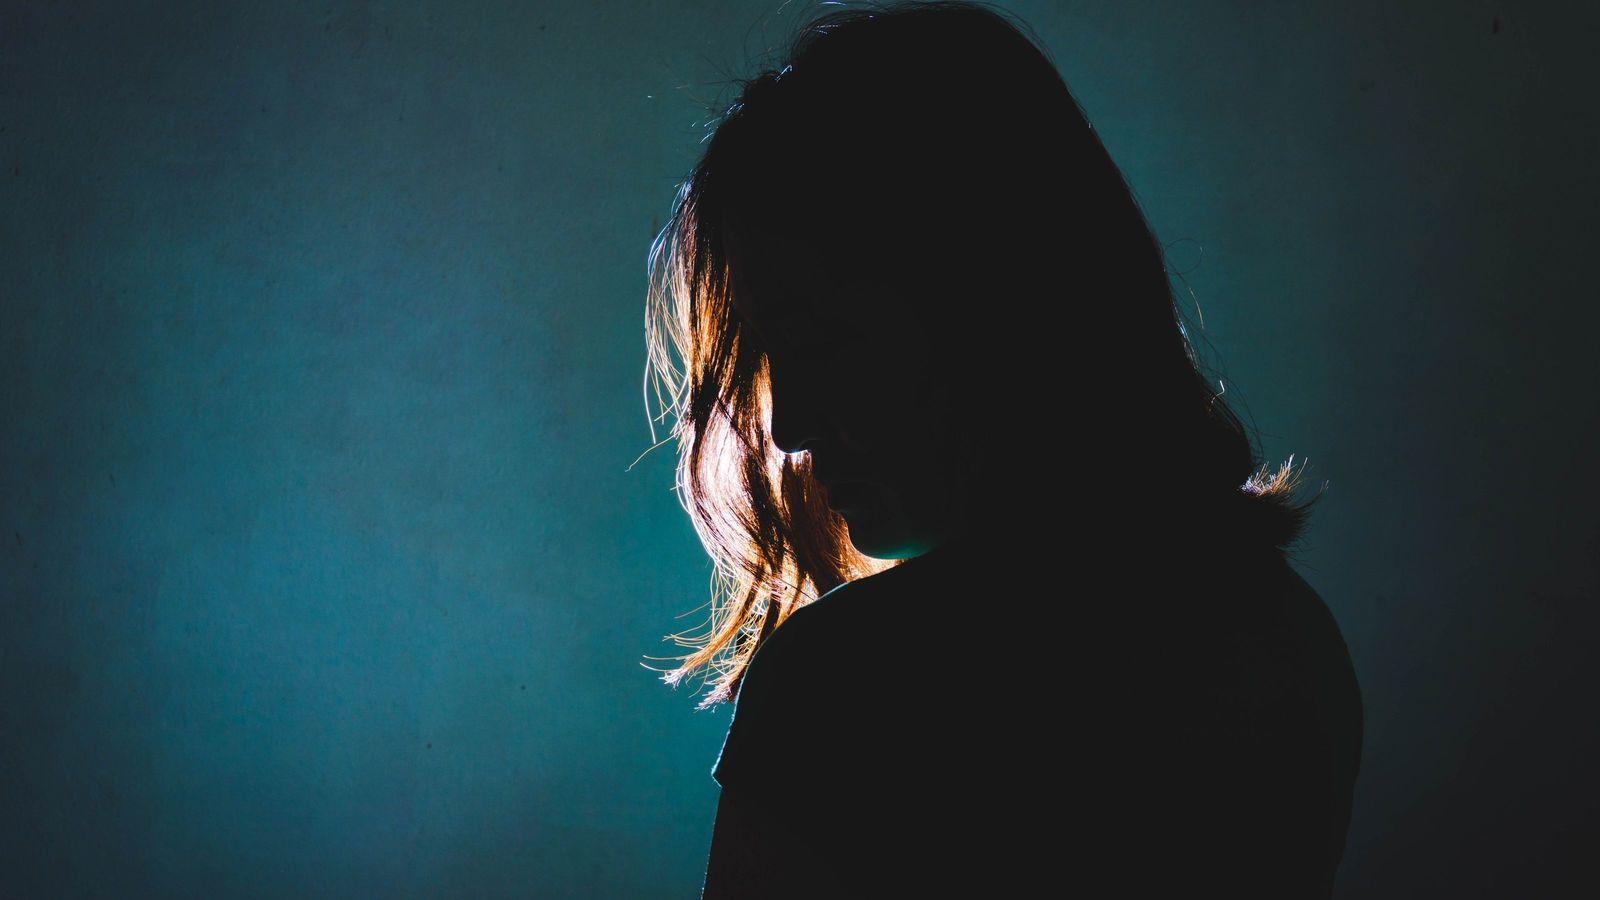 アラフォー女性が「私たちだけ辛酸」と話すワケ 「社員になれず人生が完全に狂った」